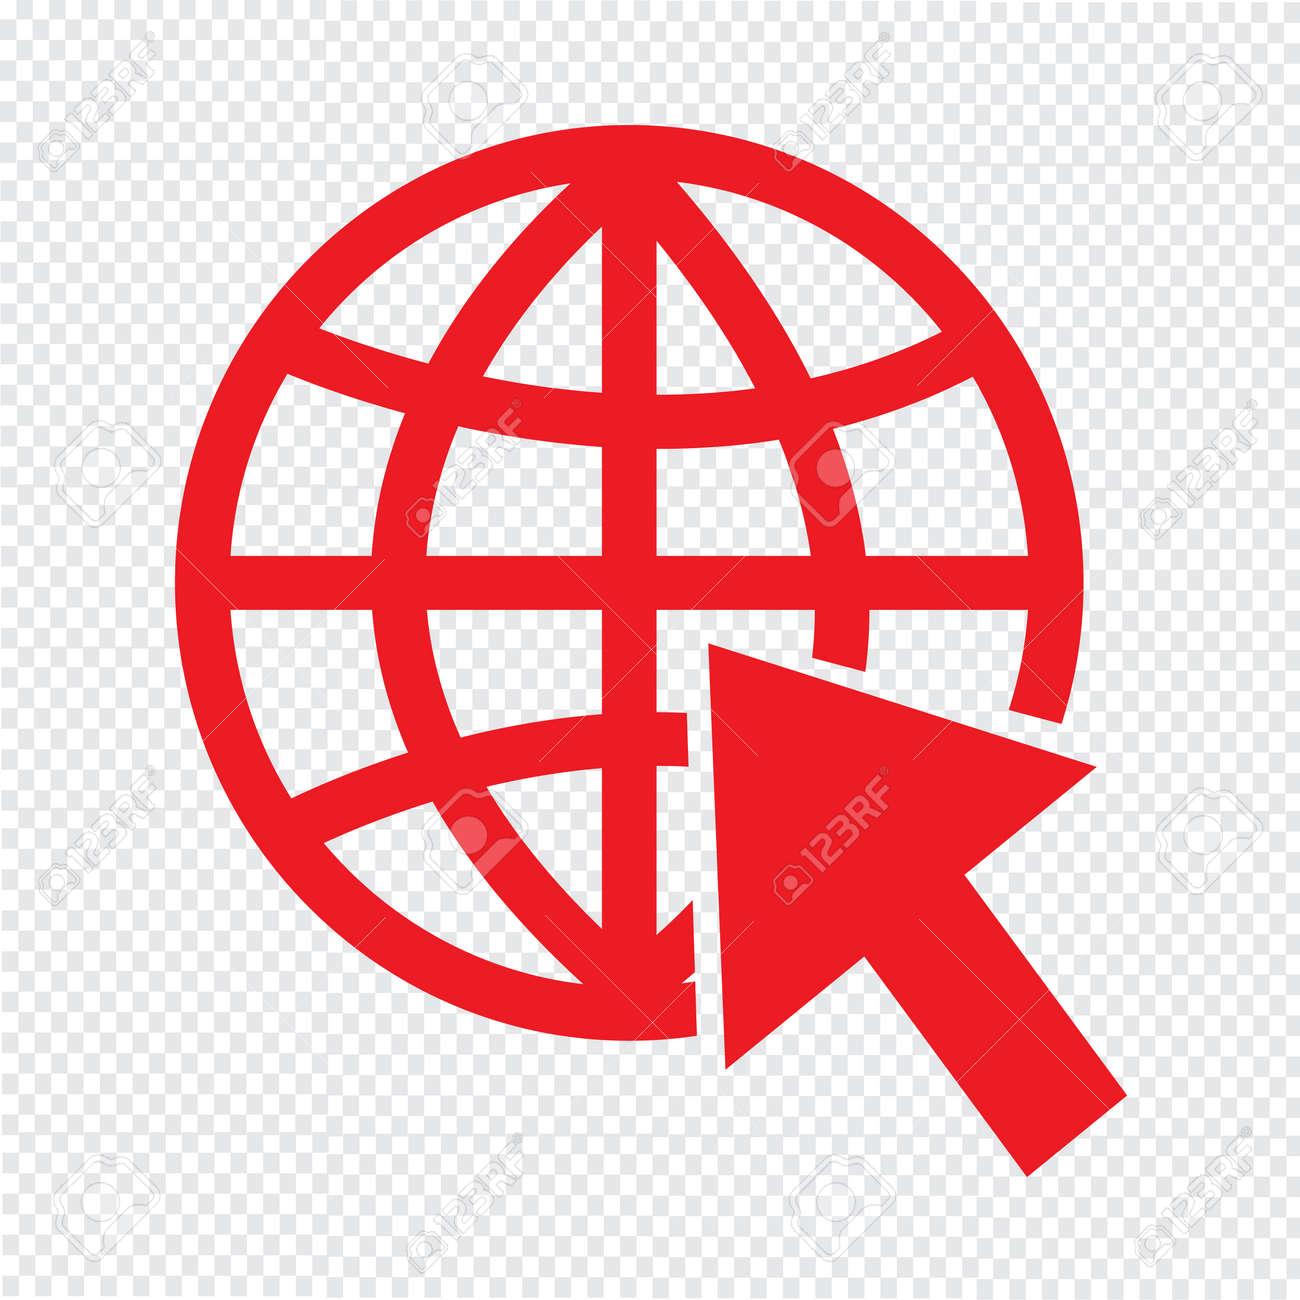 924fadff151aa Foto de archivo - Ir a la ilustración de vector de icono de Internet de  sitio web